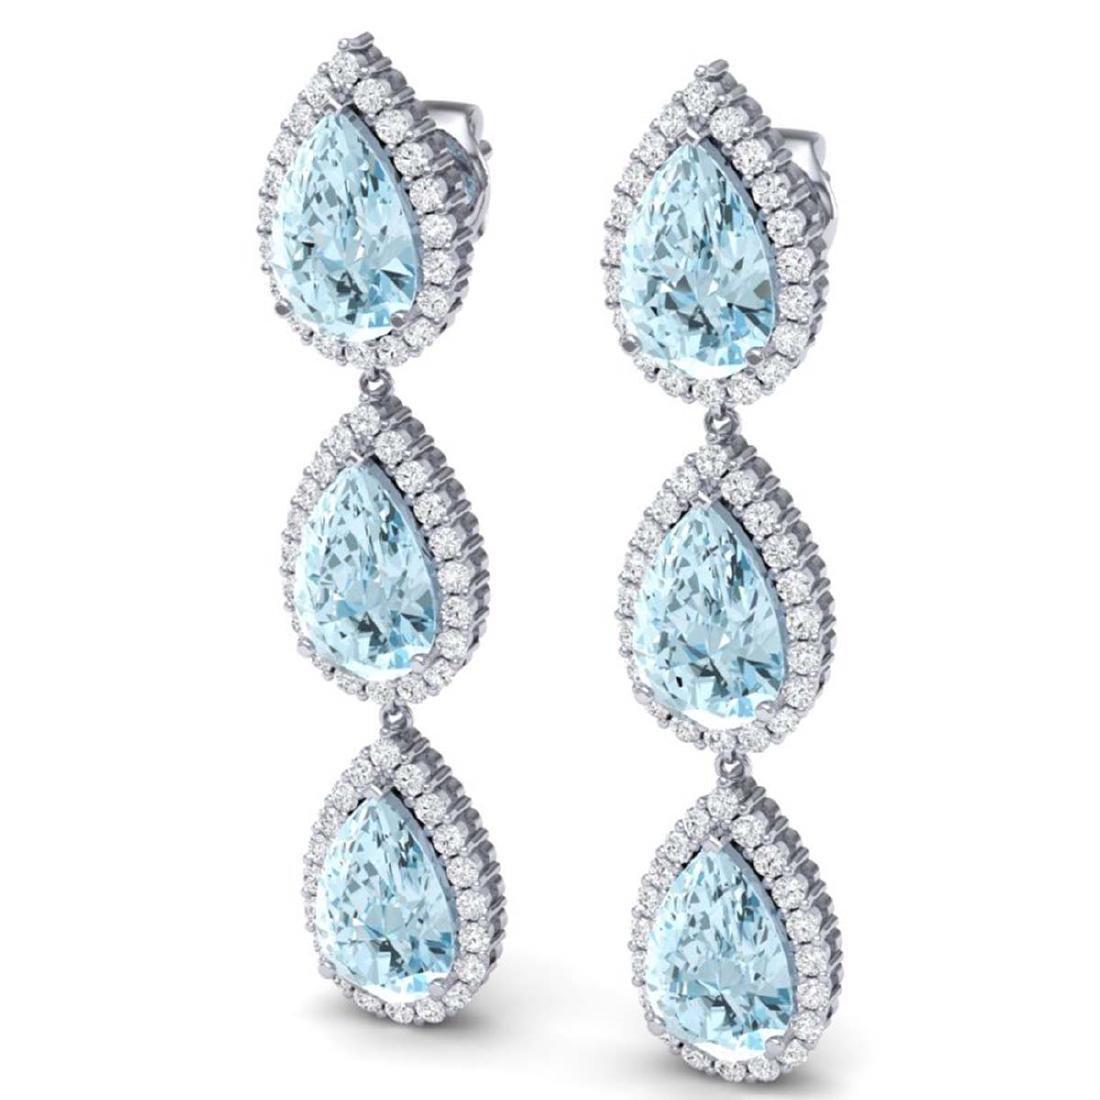 27.3 CTW Royalty Sky Topaz & VS Diamond Earrings 18K - 2